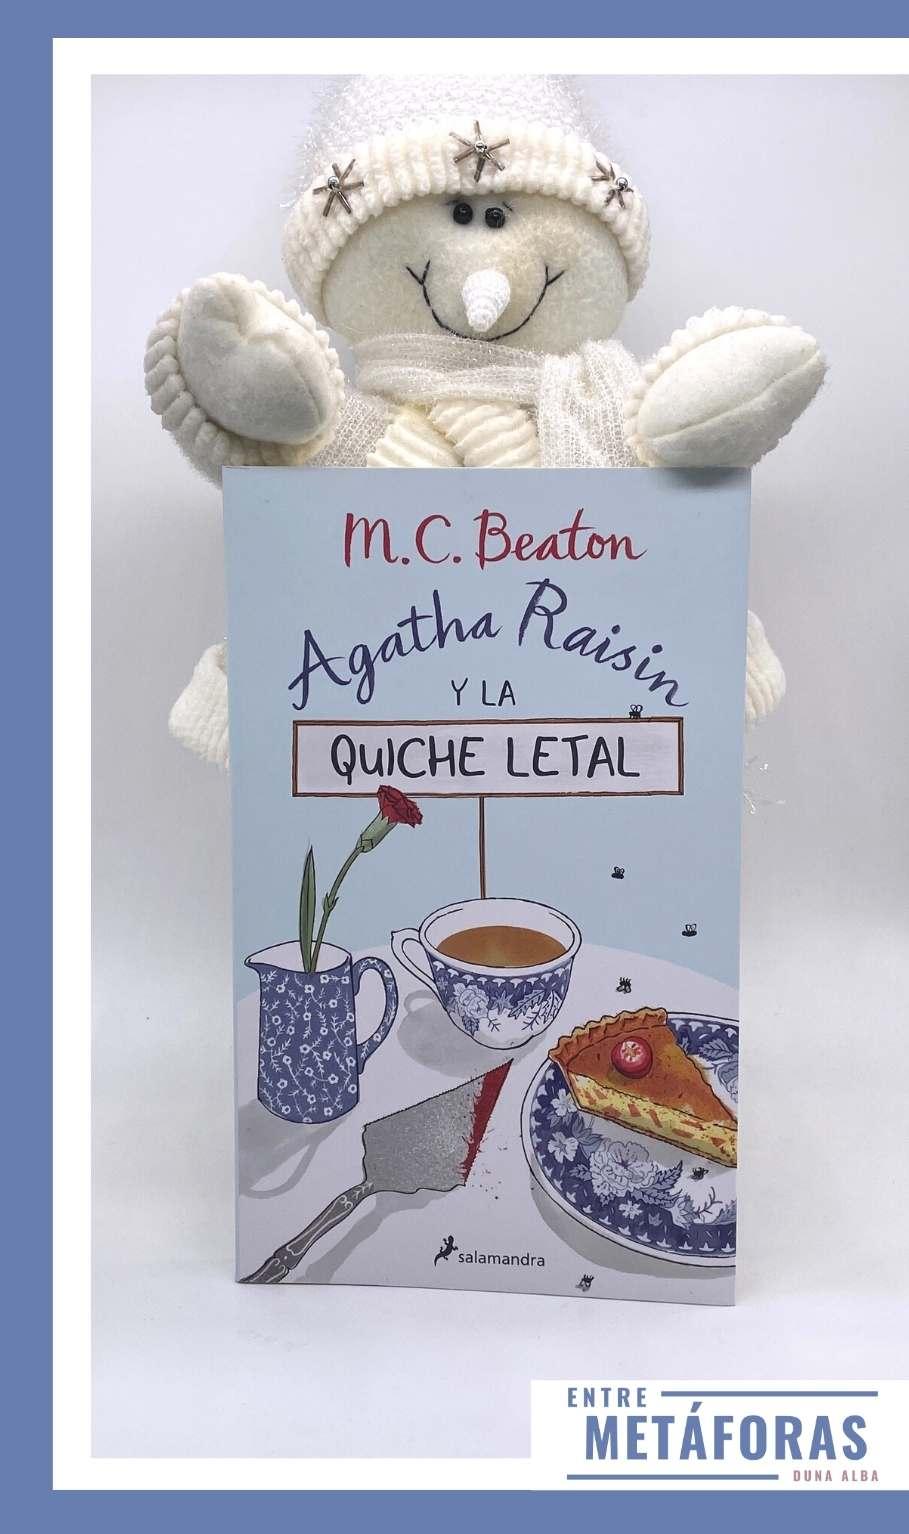 Agatha Raisin y la quiche letal, de M.C. Beaton